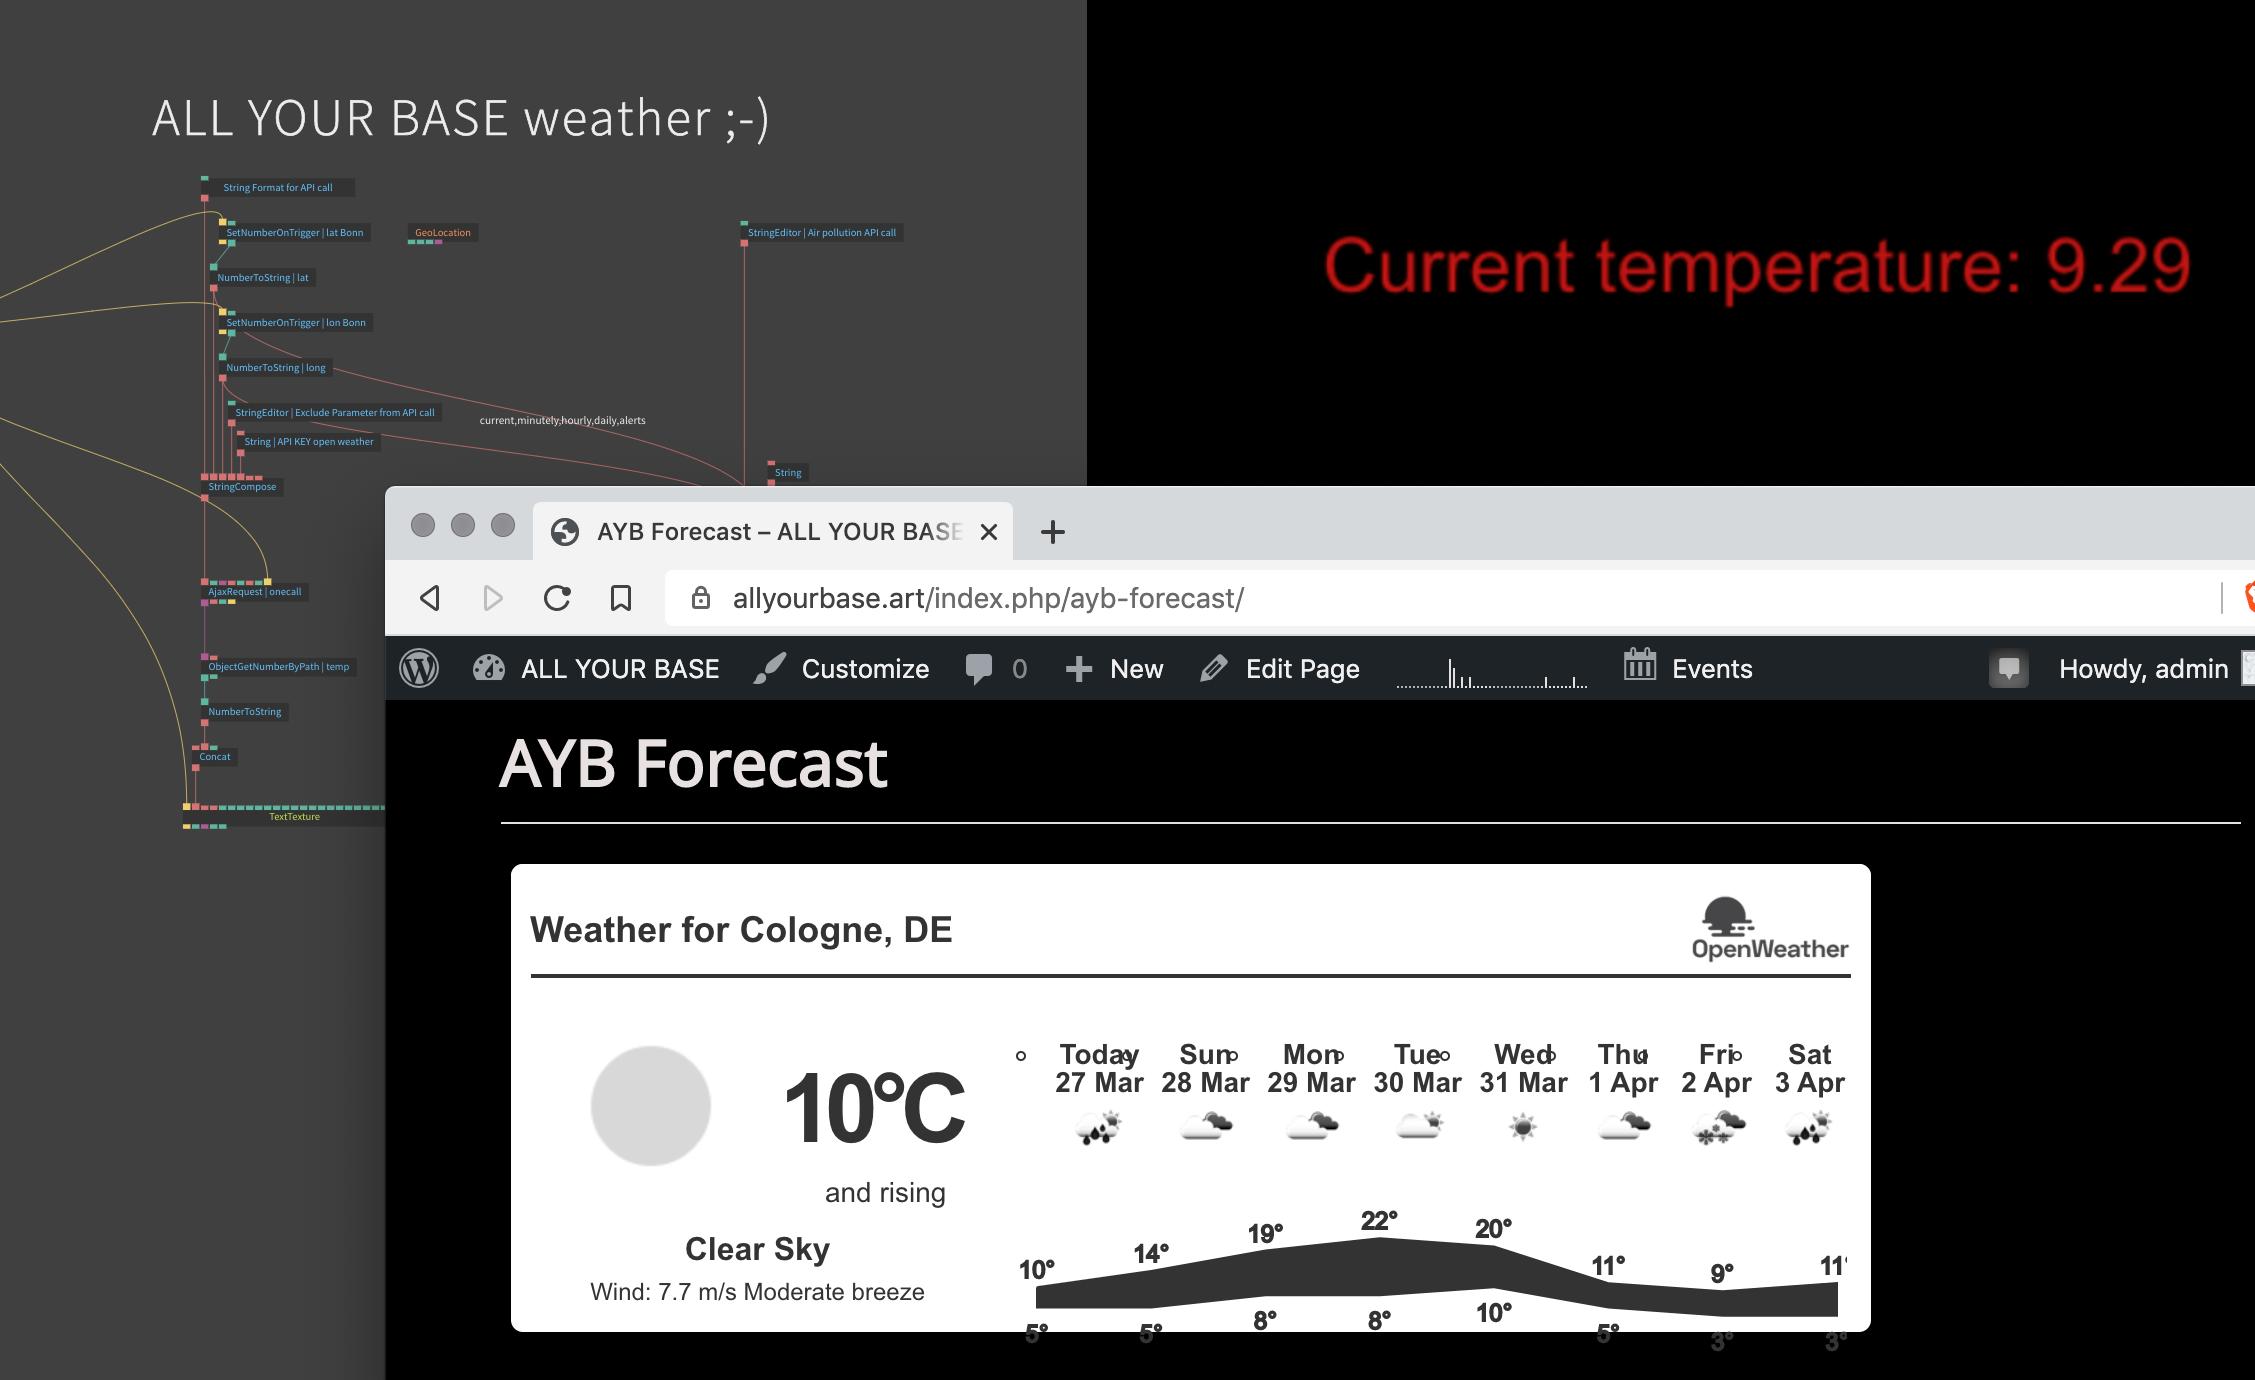 AYB Forecast